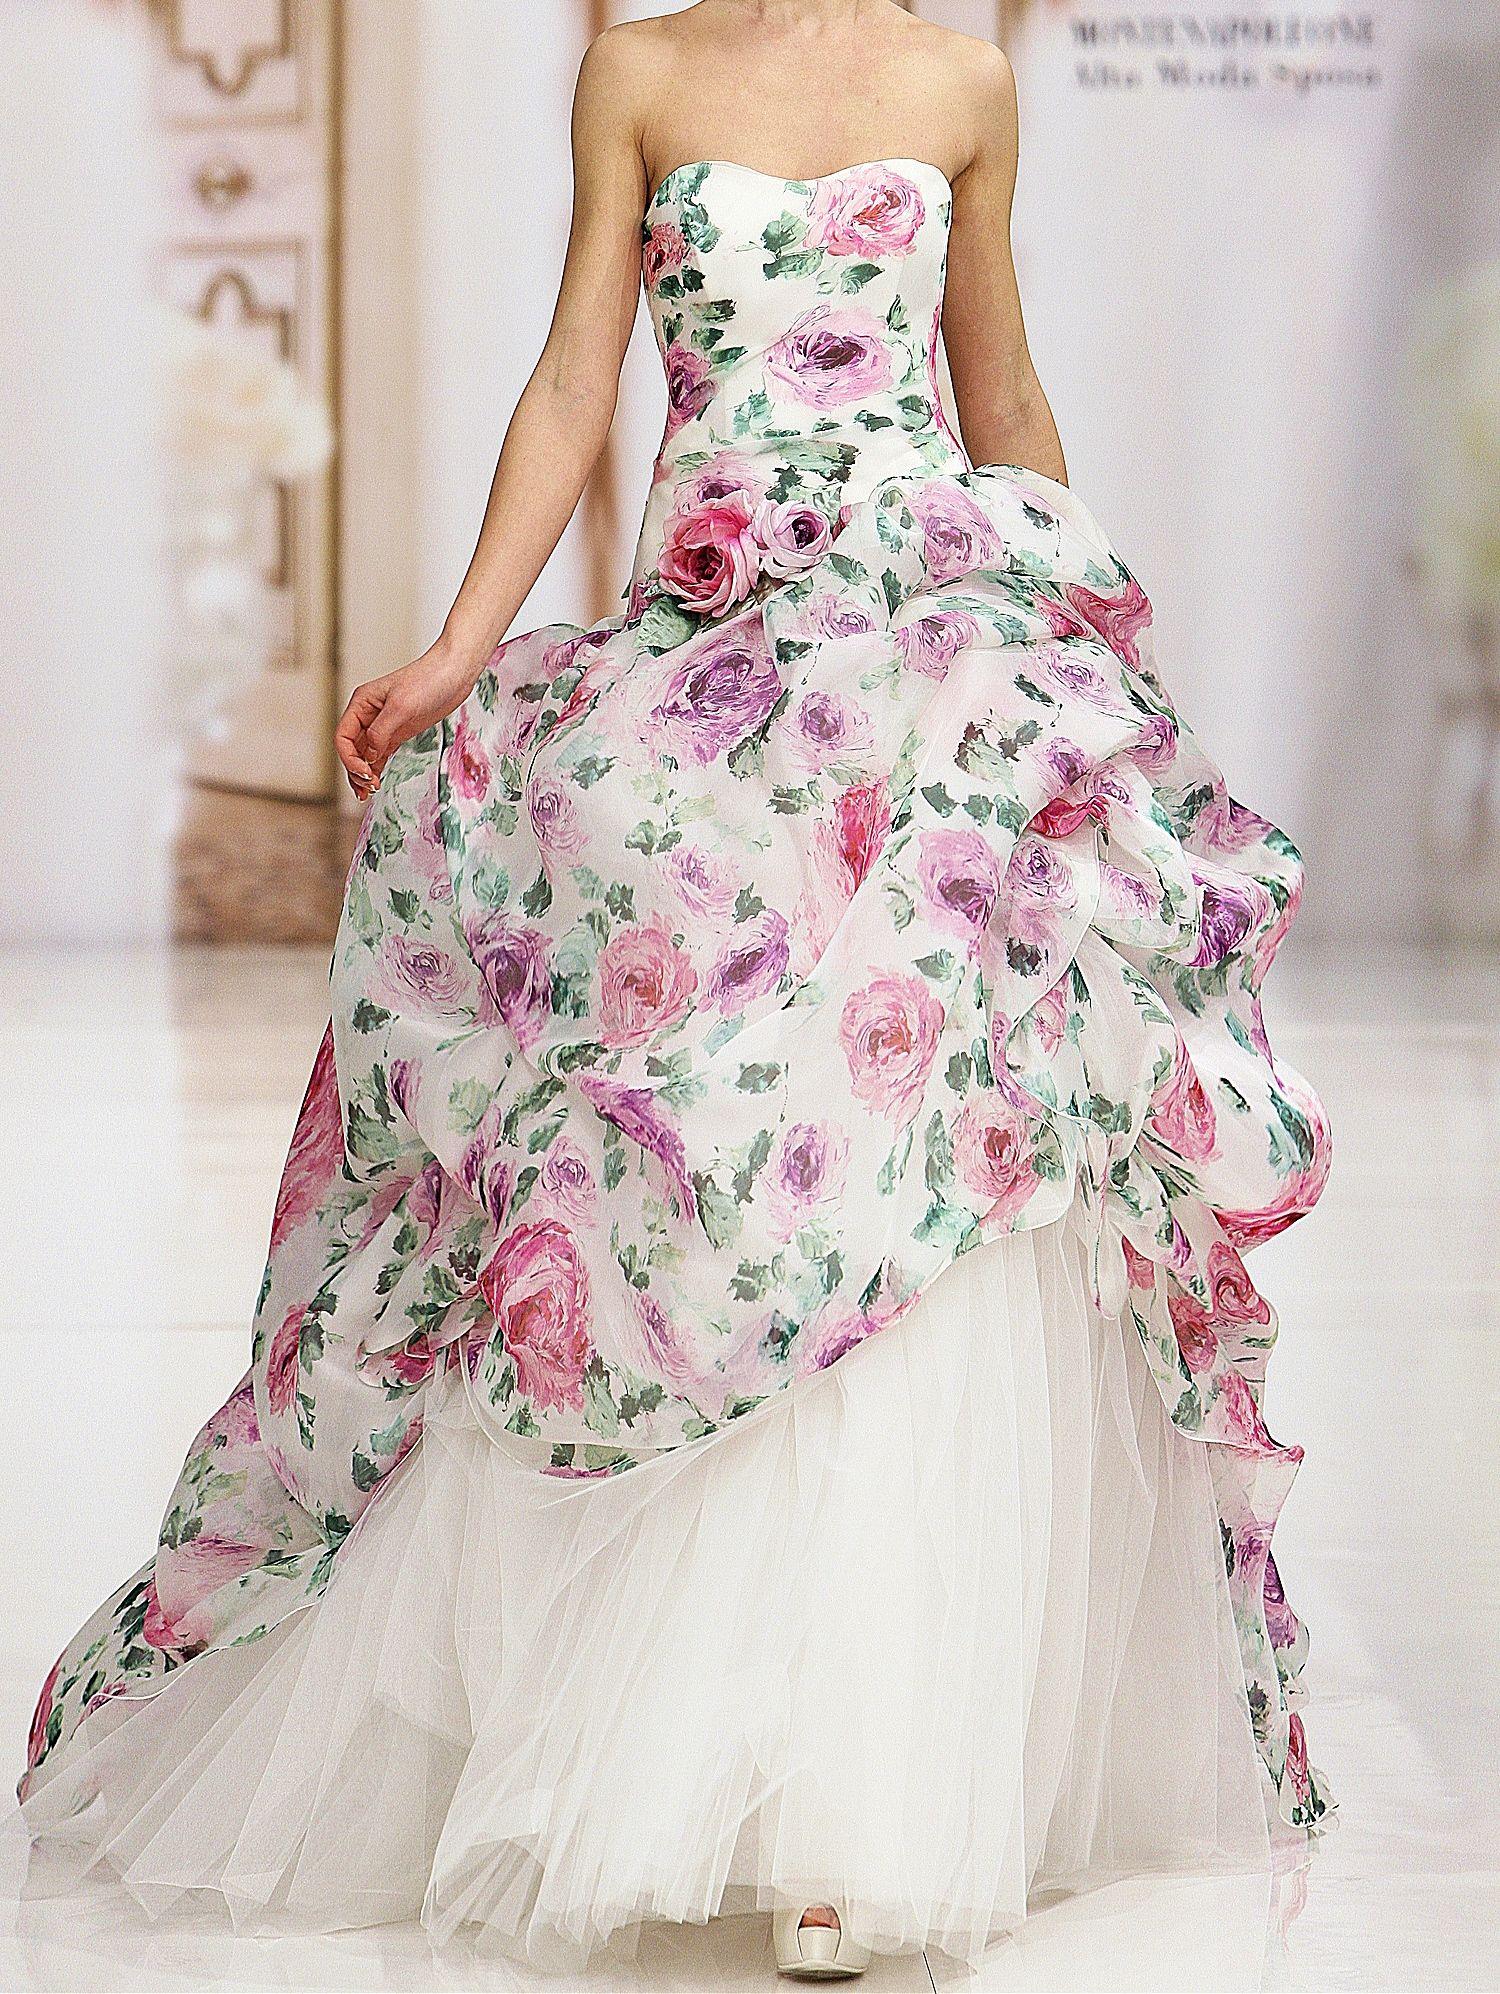 Ungewöhnlich Das Brautkleid Geneseo Ny Galerie - Hochzeit Kleid ...